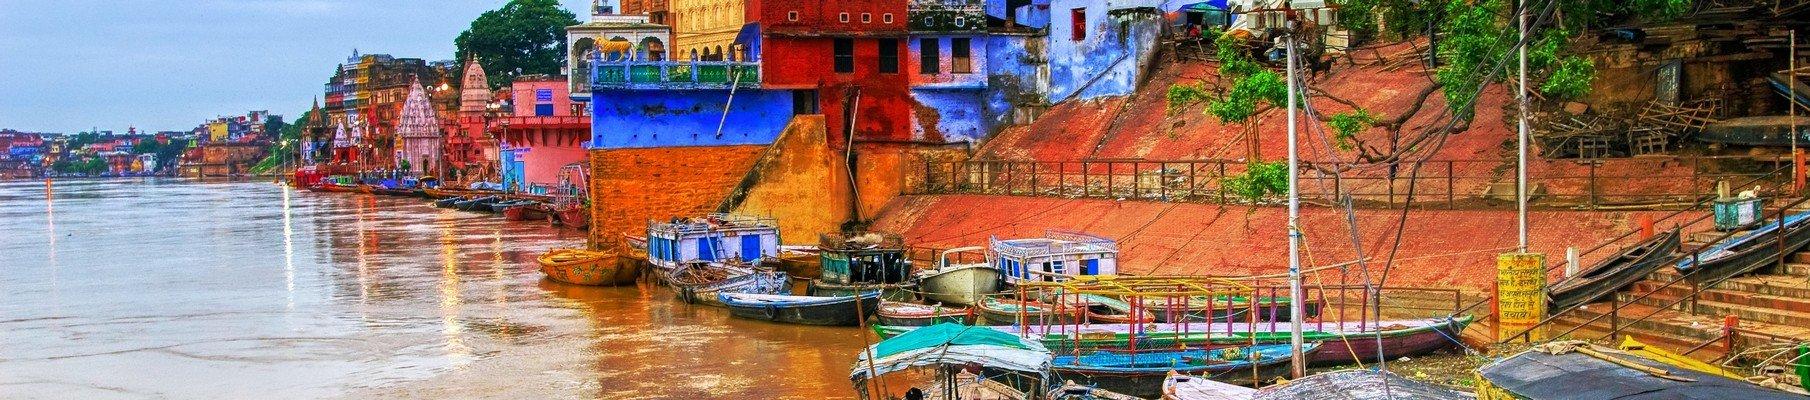 De Heilige Ganges in Varanasi